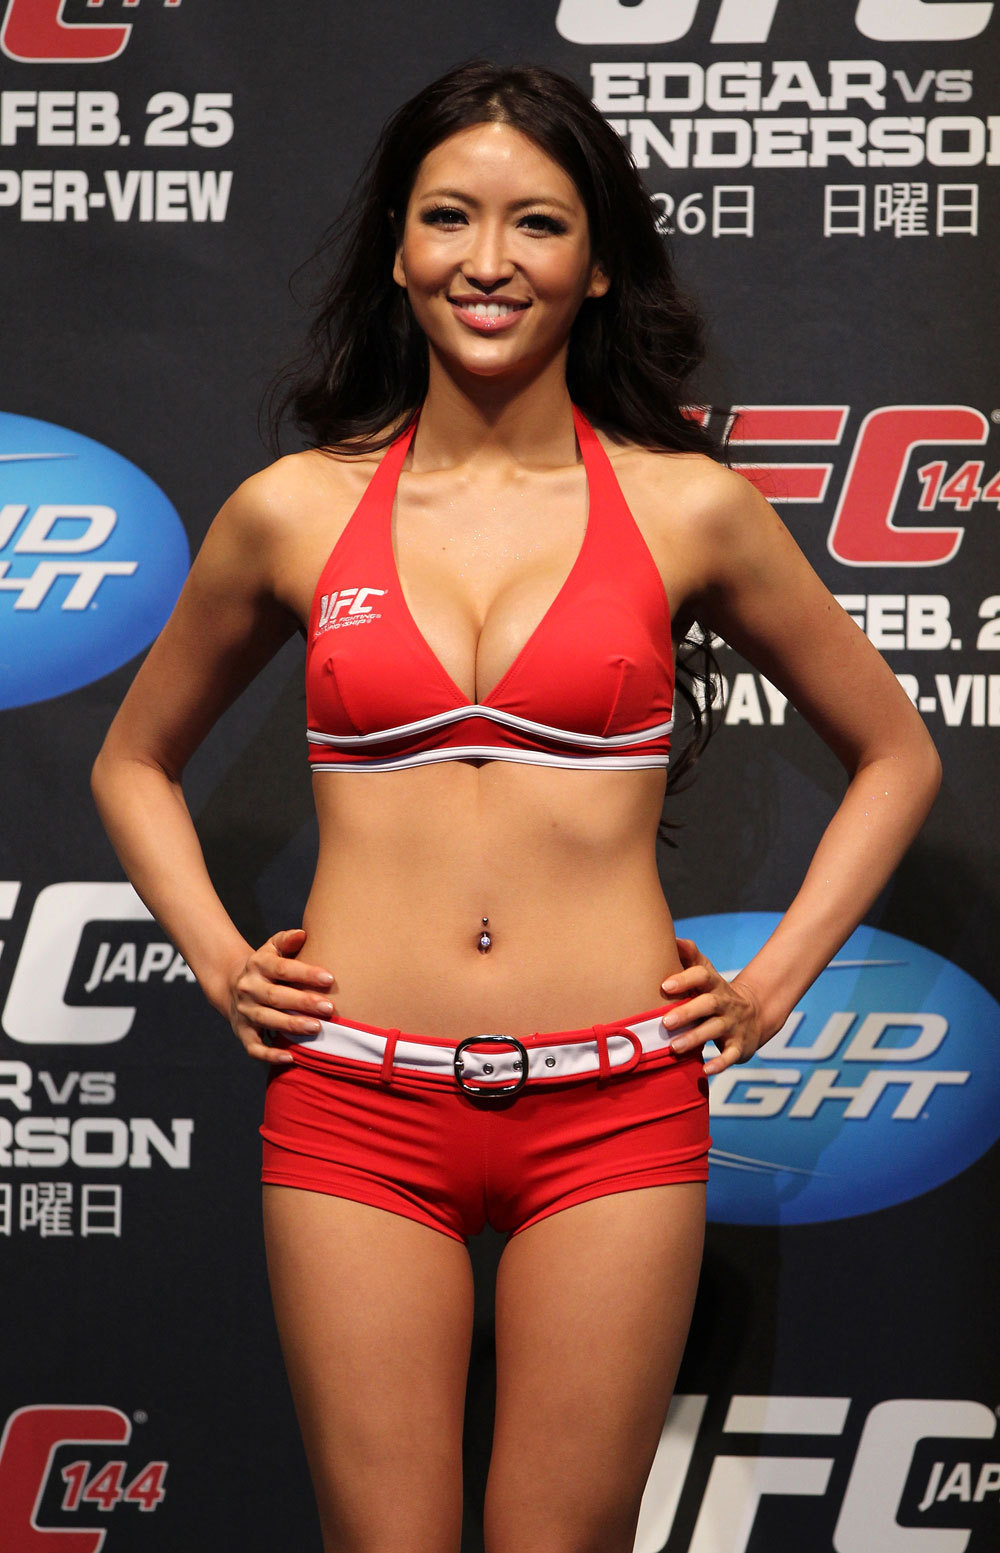 UFC Japan introduces new Japanese ring girl: Asuza Nishigaki